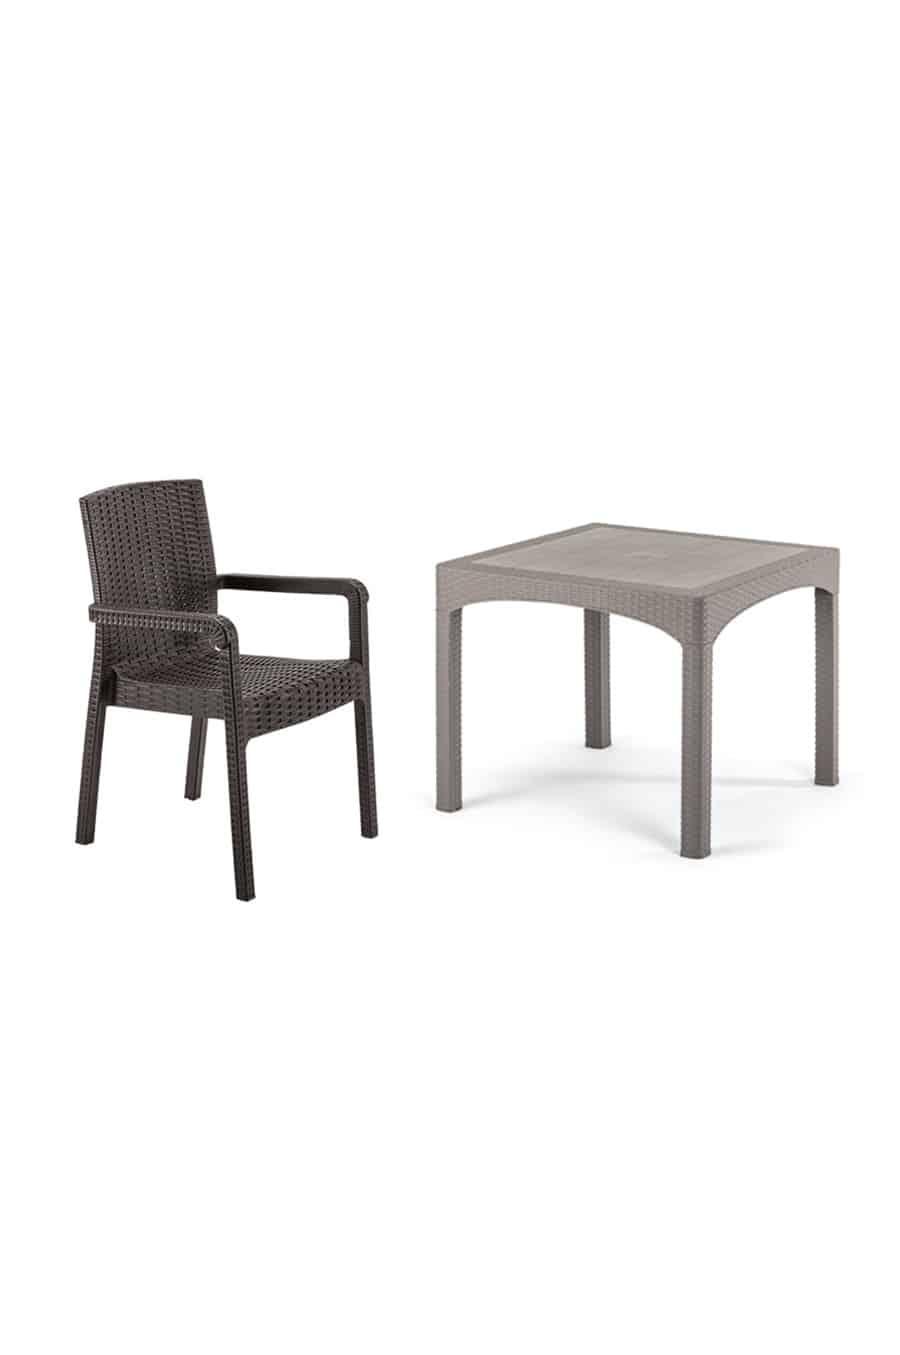 Rattan Masa Sandalye Takımı Camsız (4 Sandalye +1 Masa)